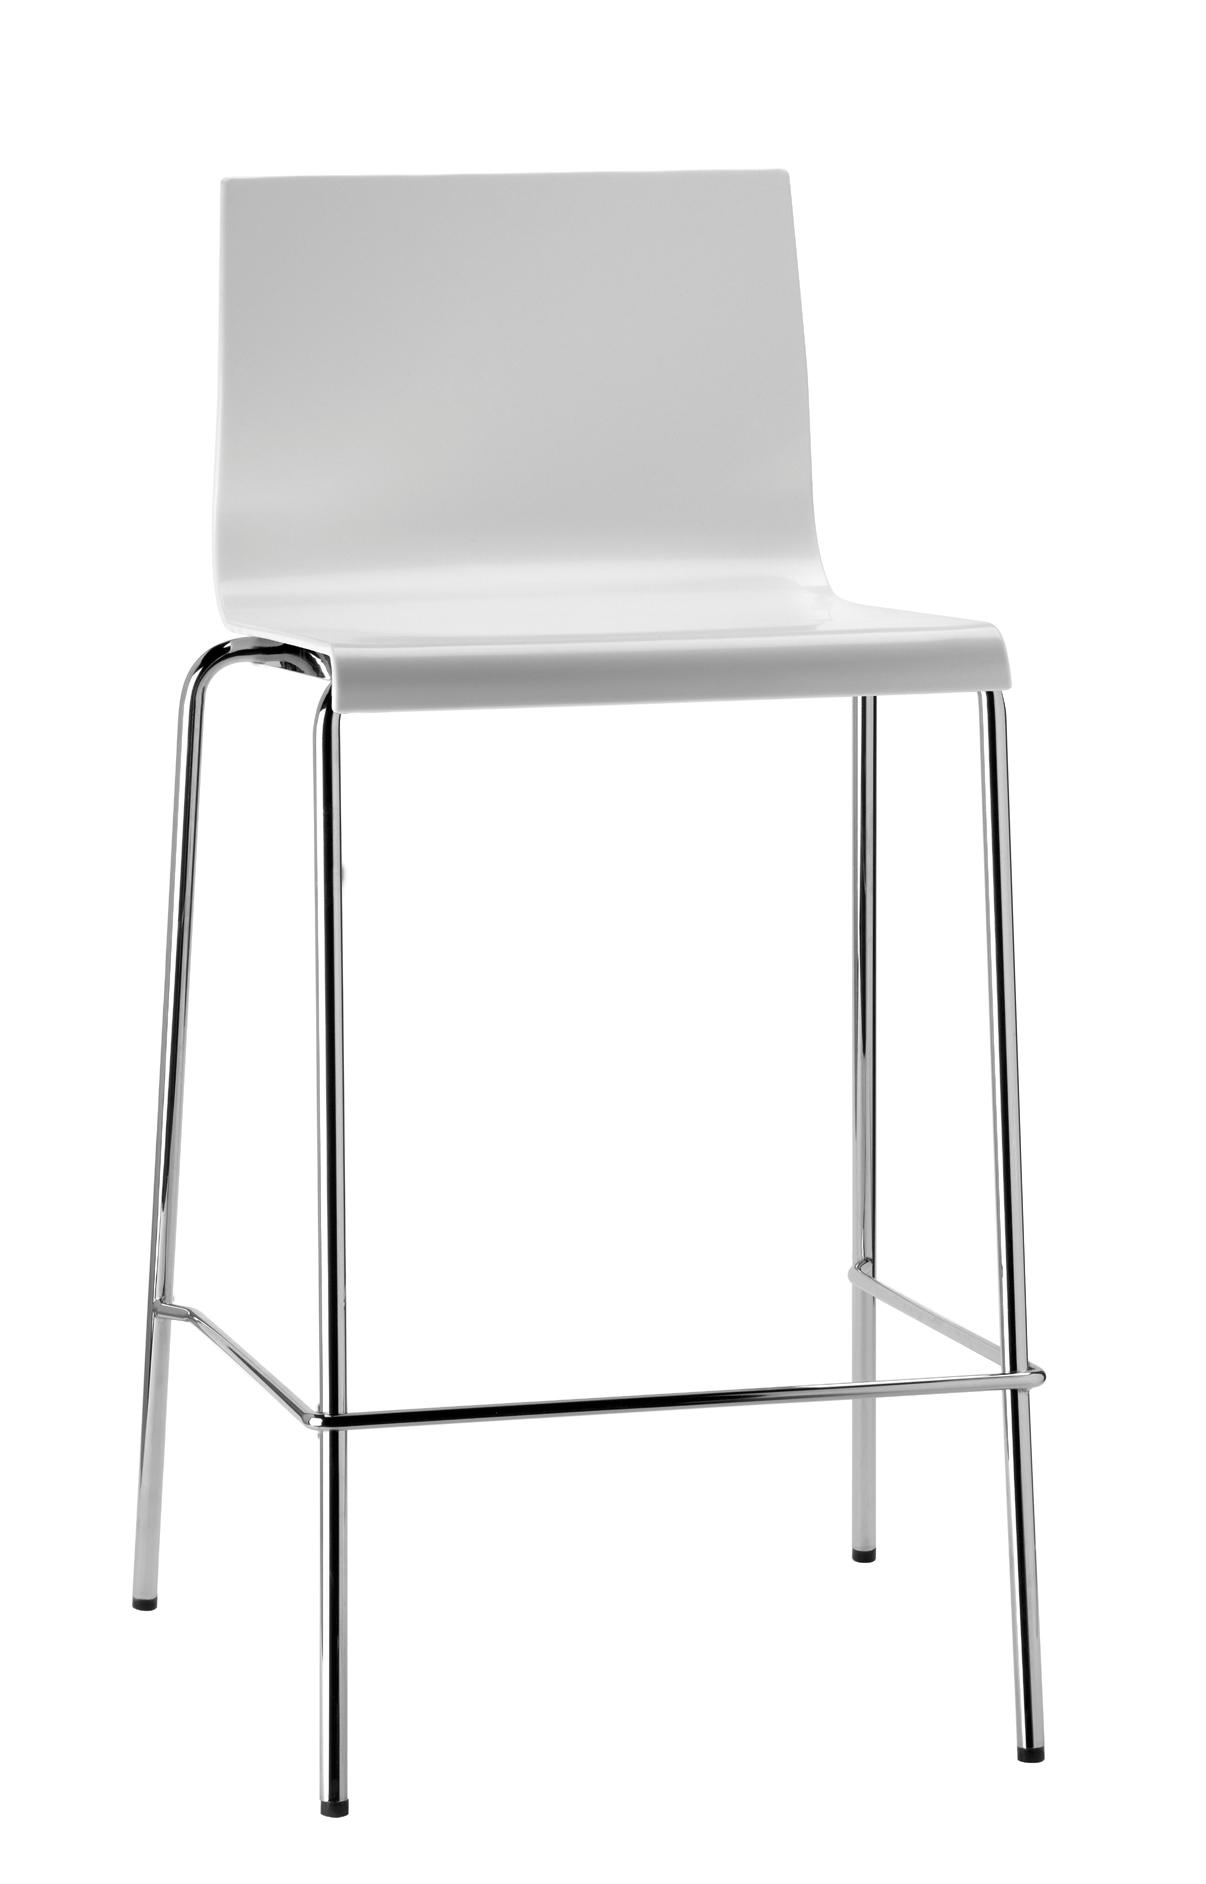 design barhocker farbe weiss und elfenbein sitzh he 65 cm kaufen bei richhomeshop. Black Bedroom Furniture Sets. Home Design Ideas